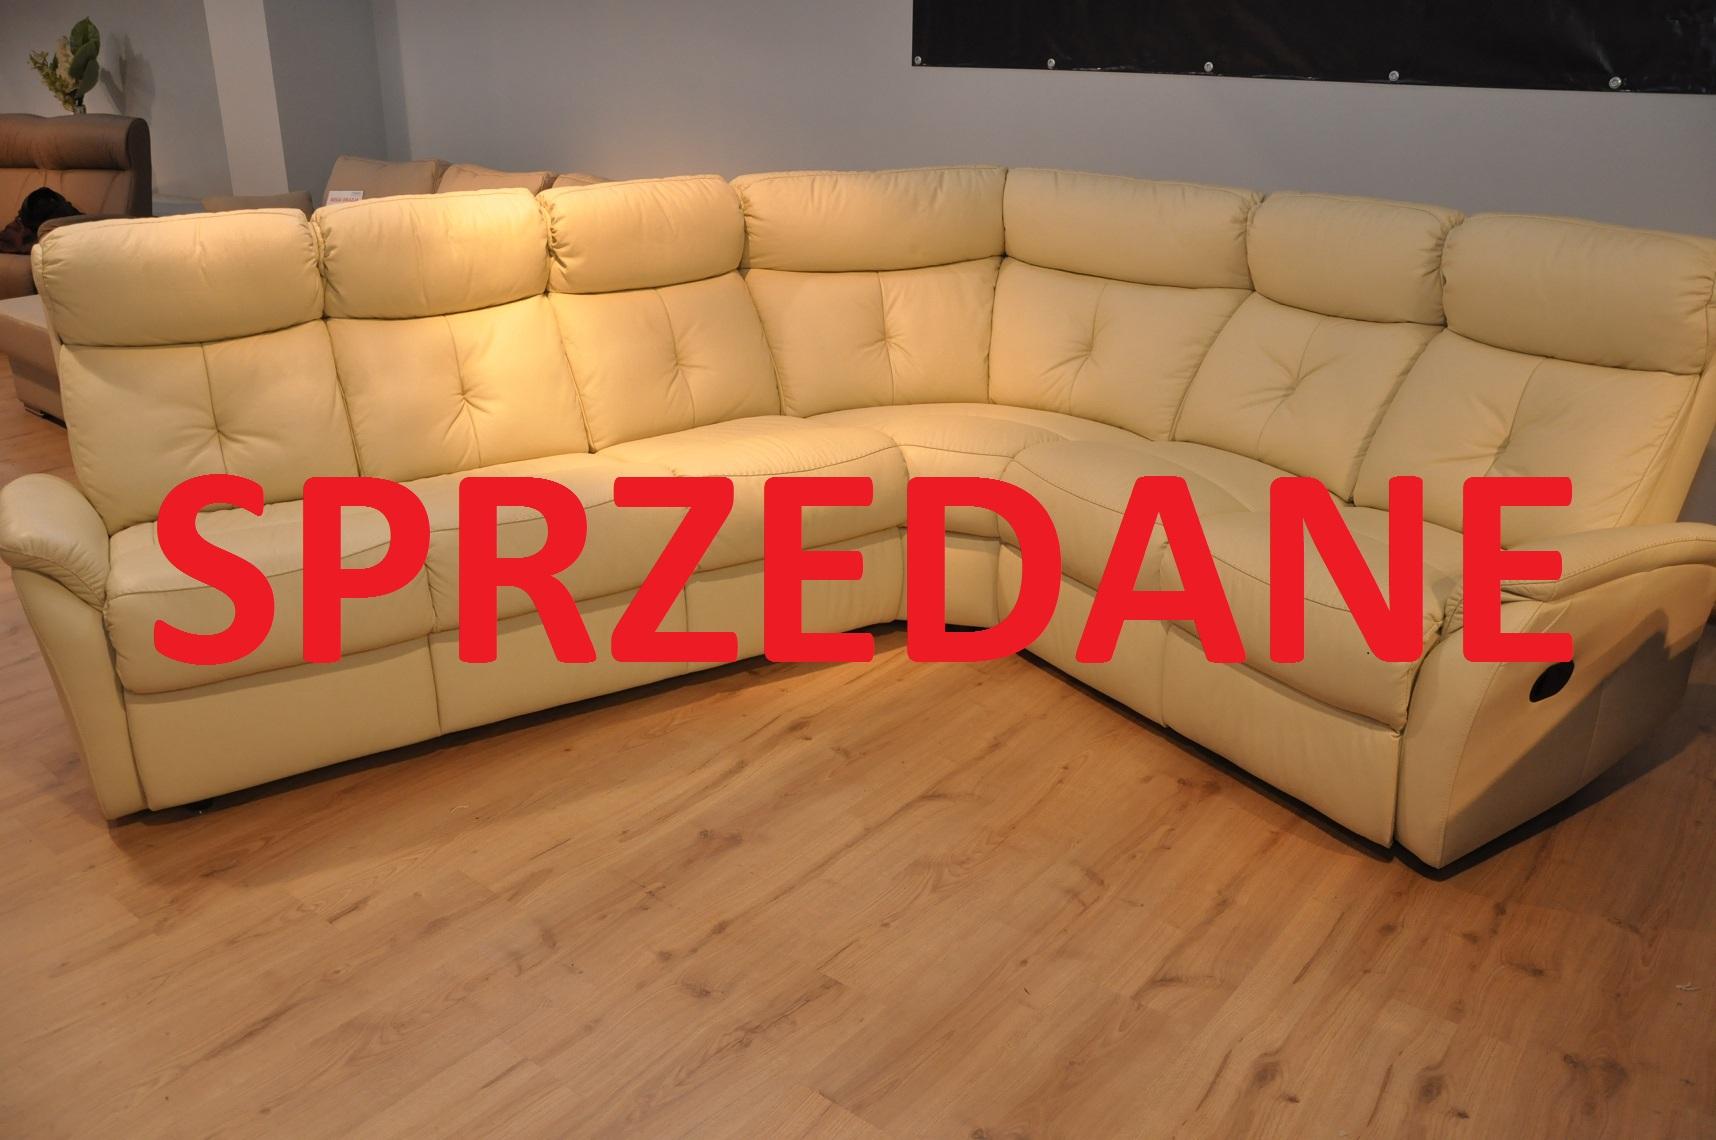 LIMA Meble Bryłka Warszawa narożnik z funkcją spania i modułem relaks skóra łączona z eko skórą SPRZEDANE